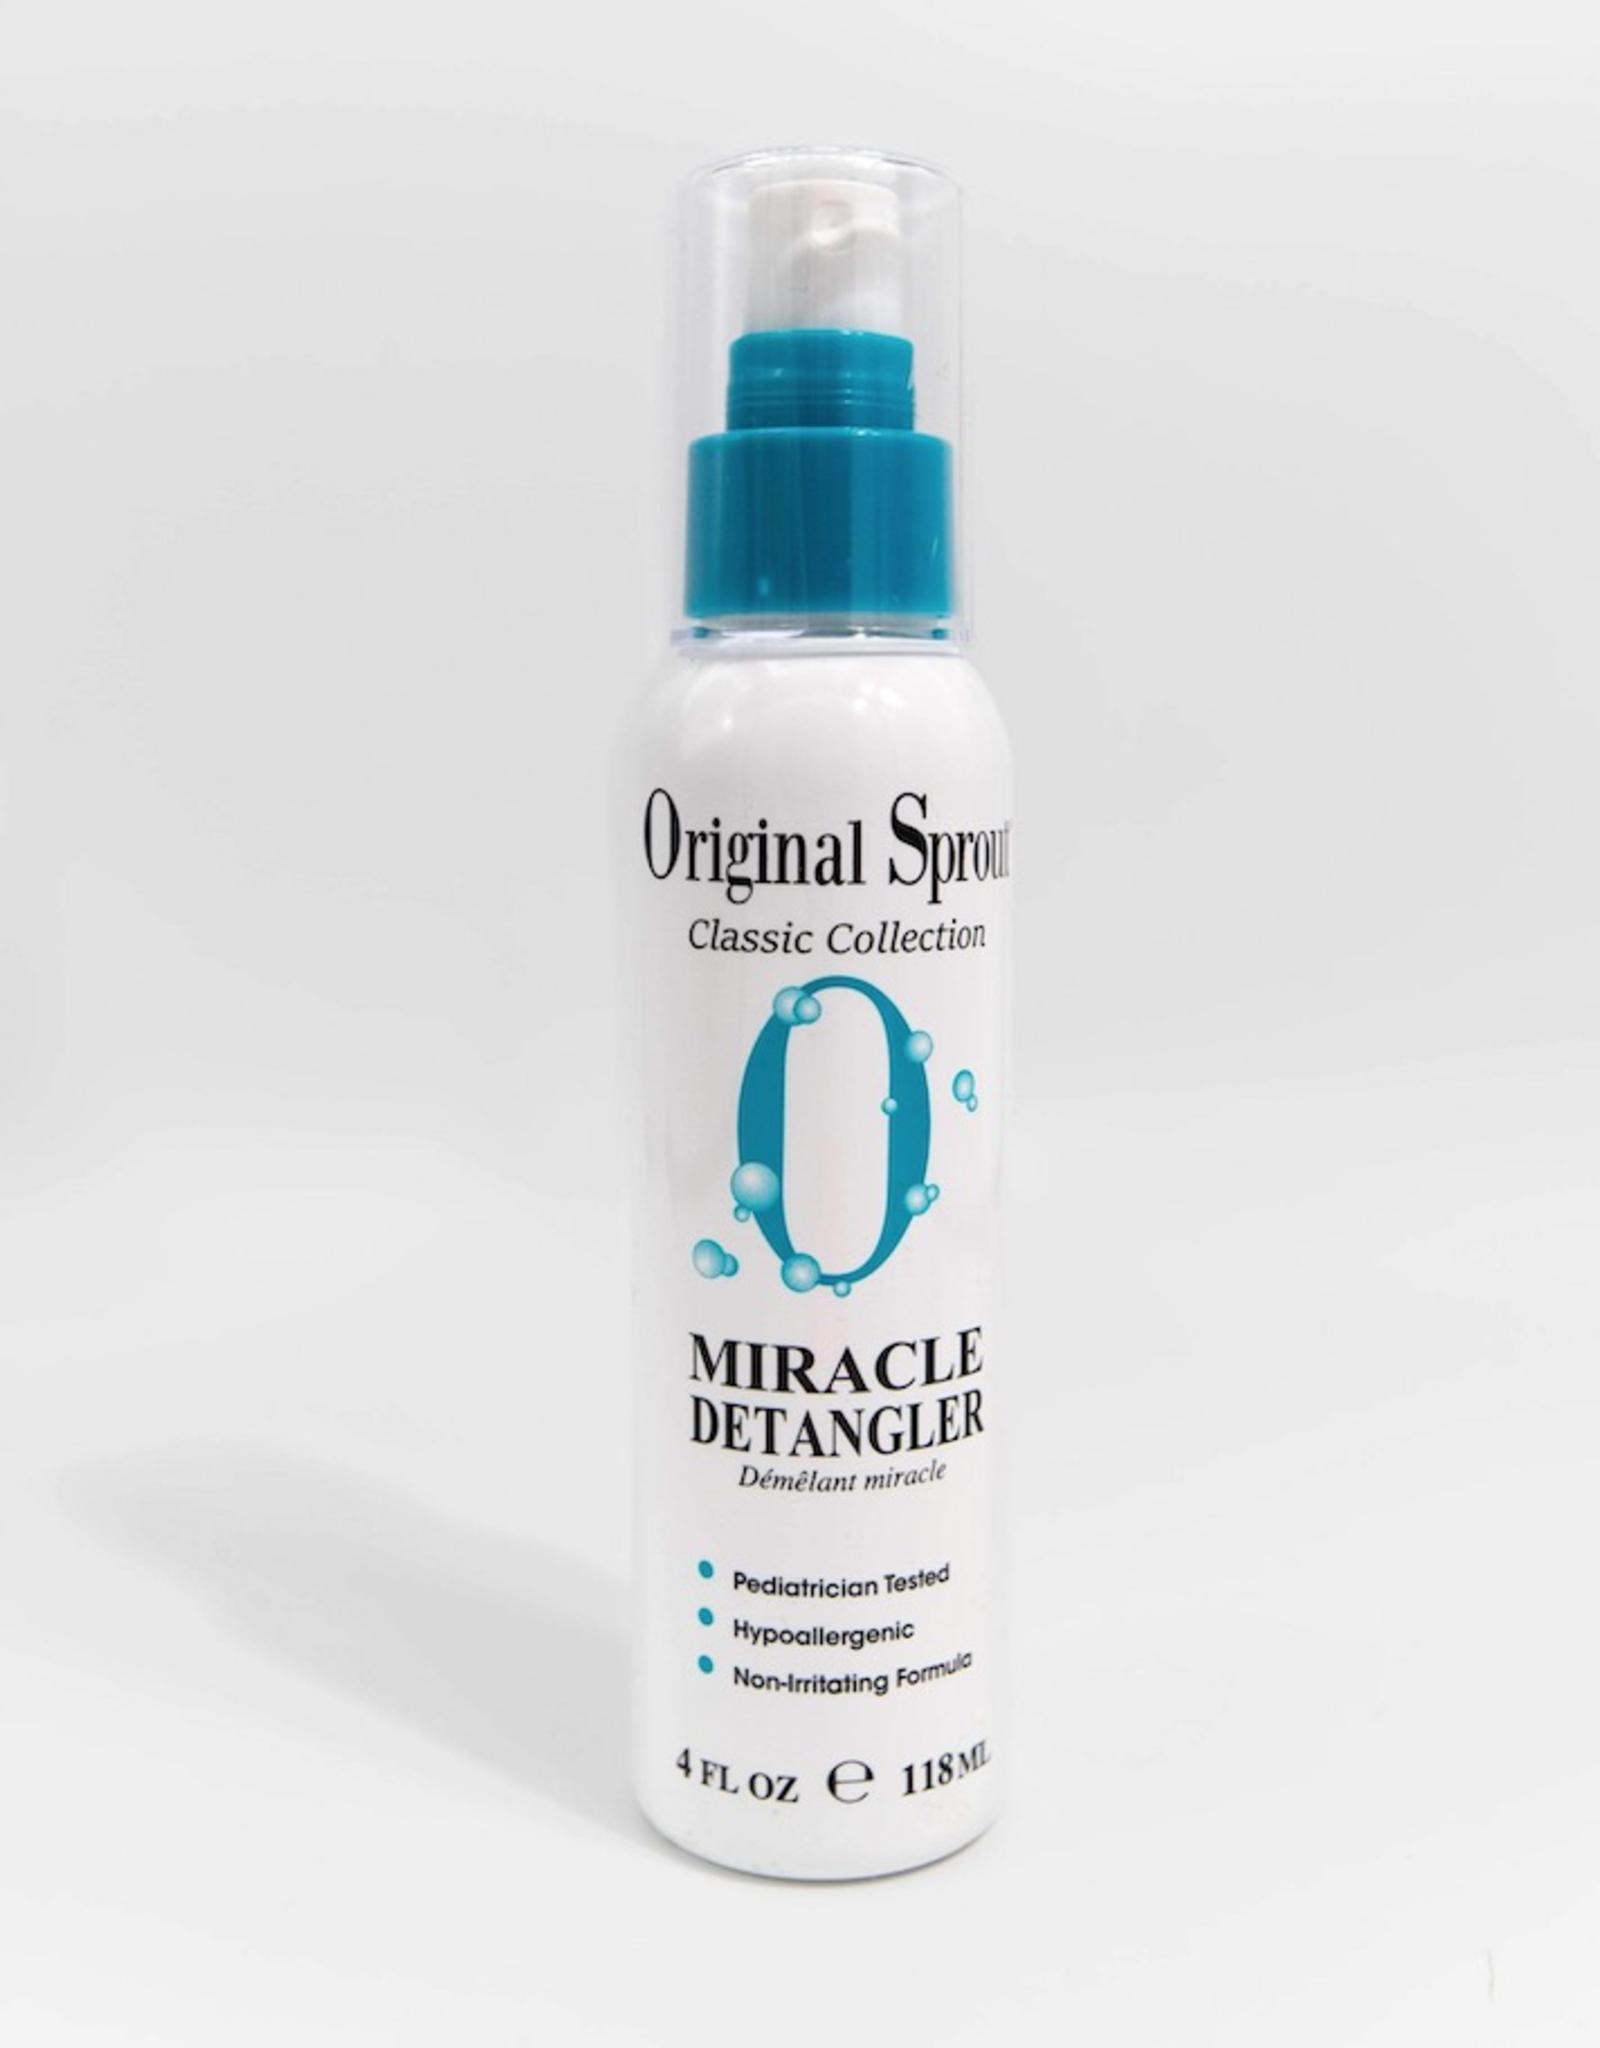 Original Sprout Miracle Detangler Spray 4oz